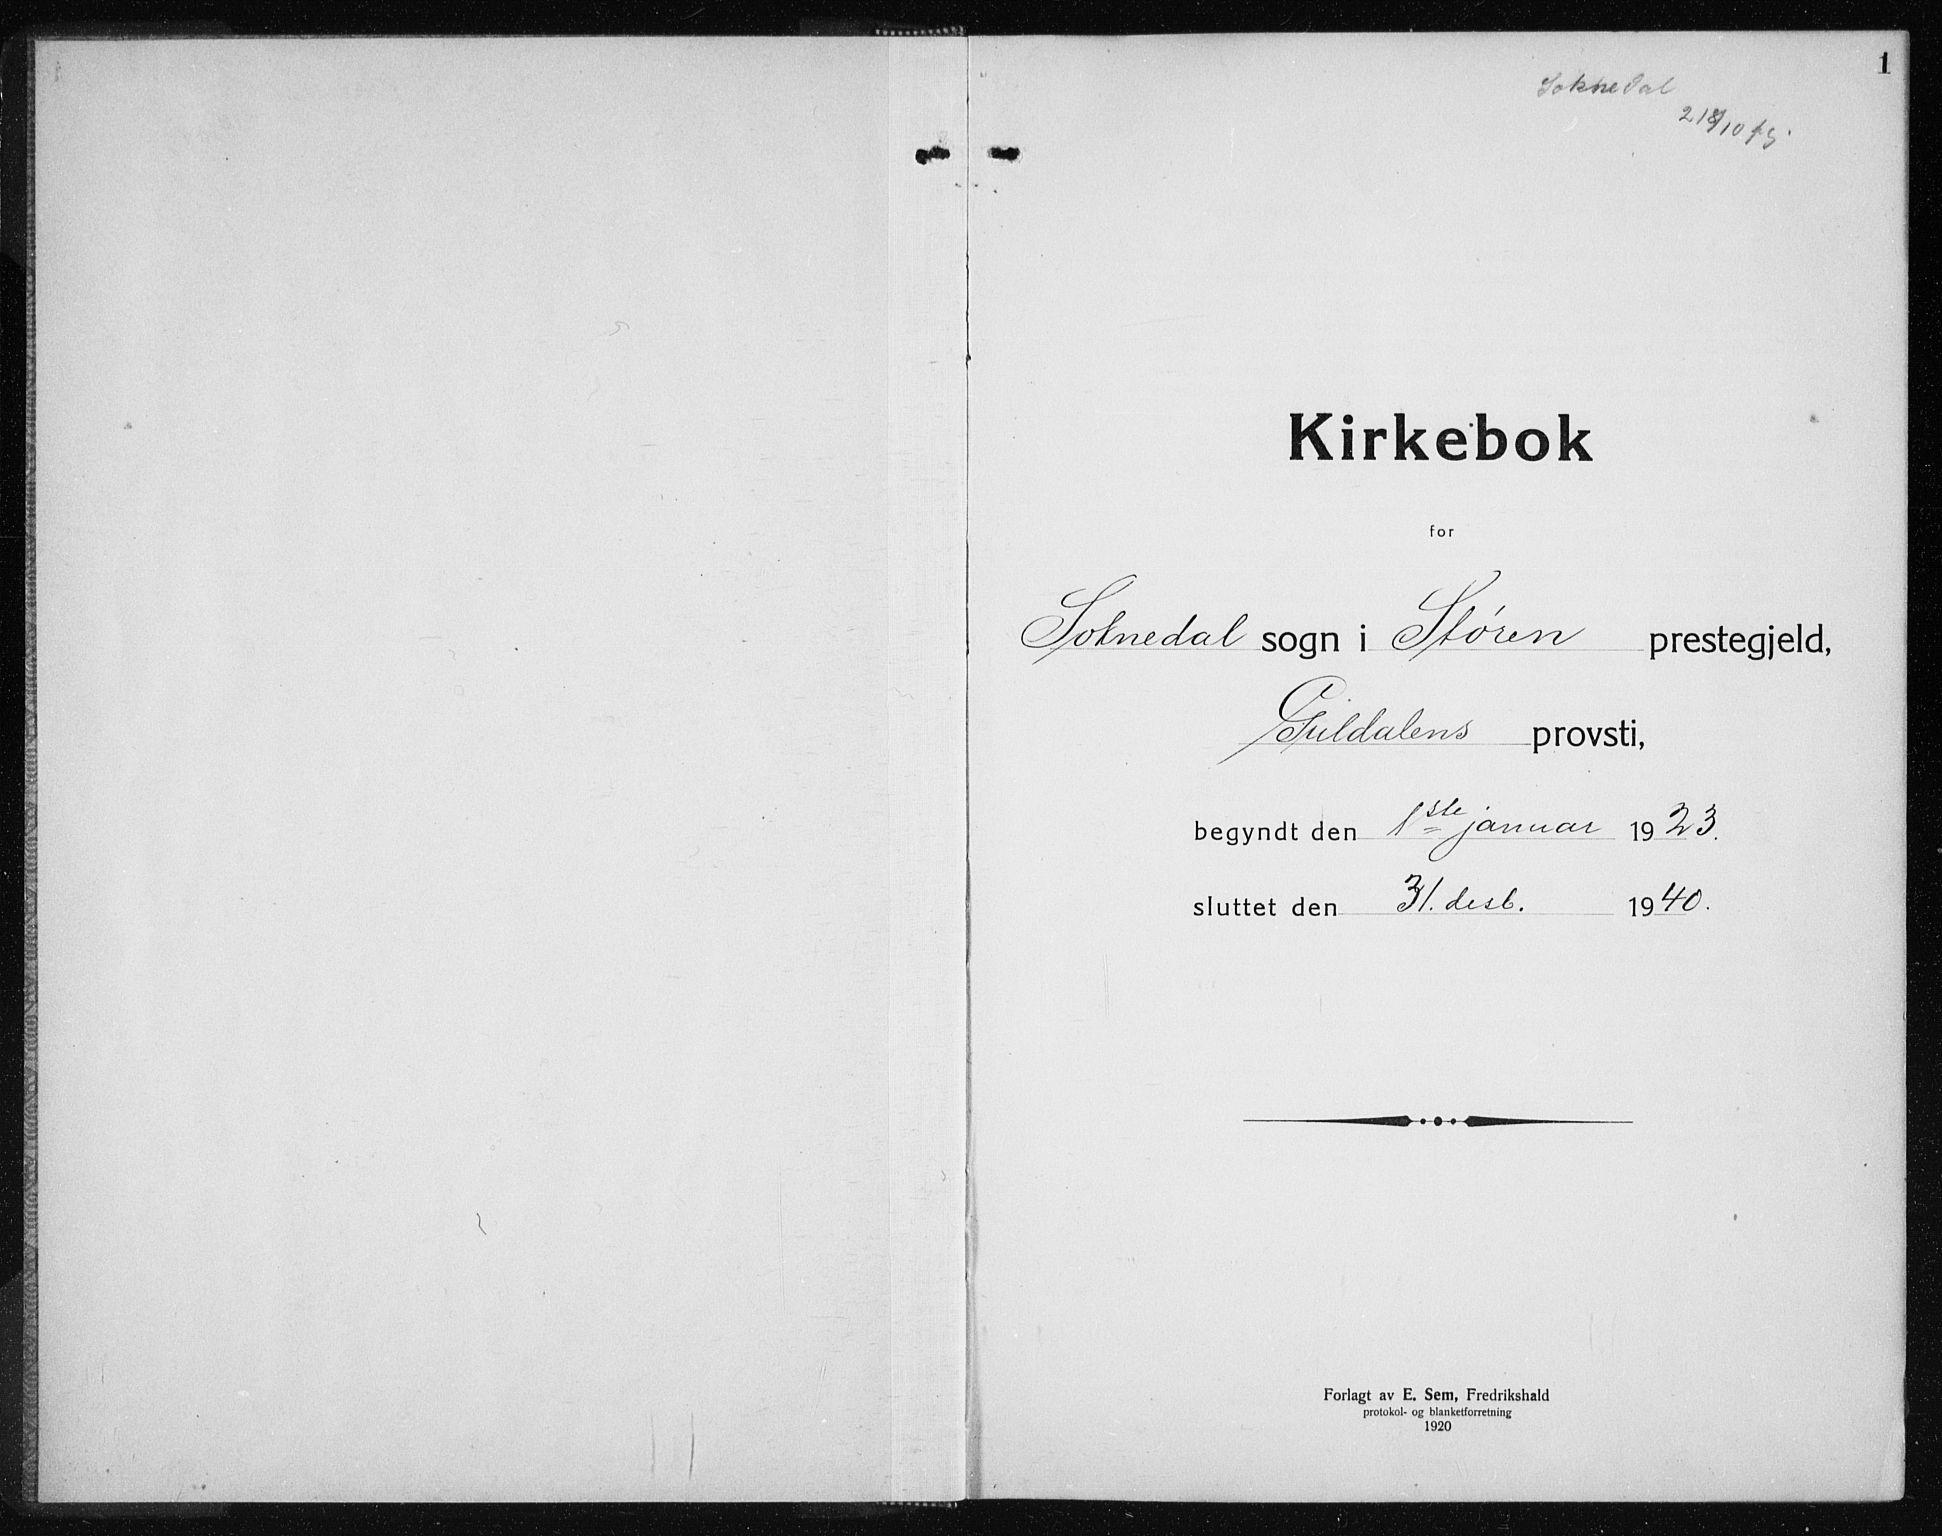 SAT, Ministerialprotokoller, klokkerbøker og fødselsregistre - Sør-Trøndelag, 689/L1045: Klokkerbok nr. 689C04, 1923-1940, s. 1